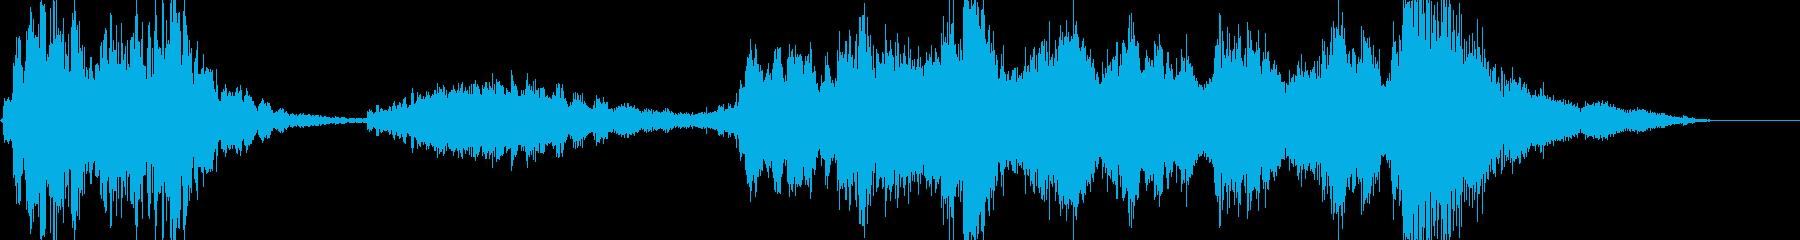 オシャレな4秒サウンドロゴの再生済みの波形